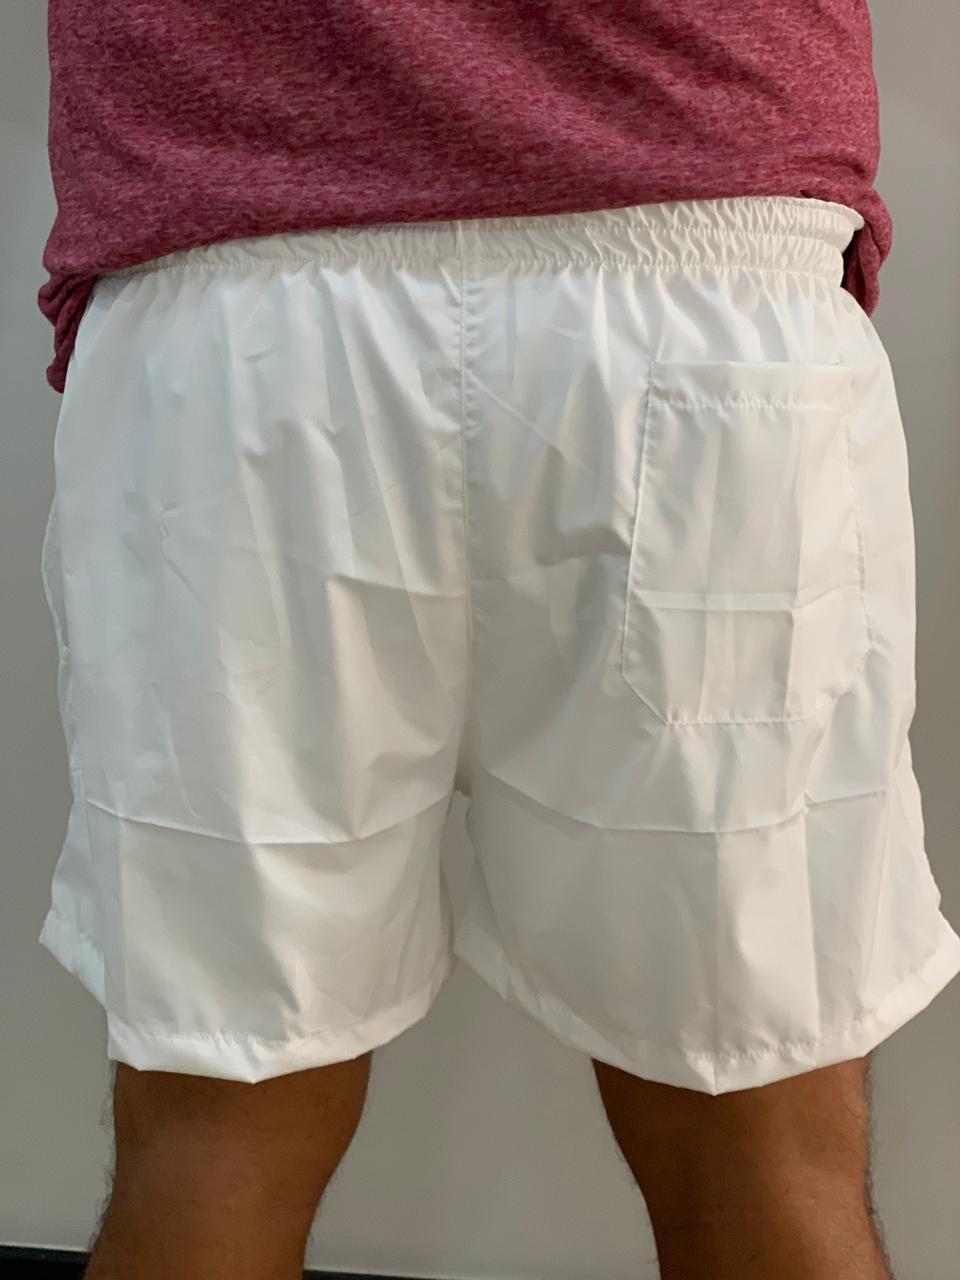 Shorts com bermuda de Compressão Masculina